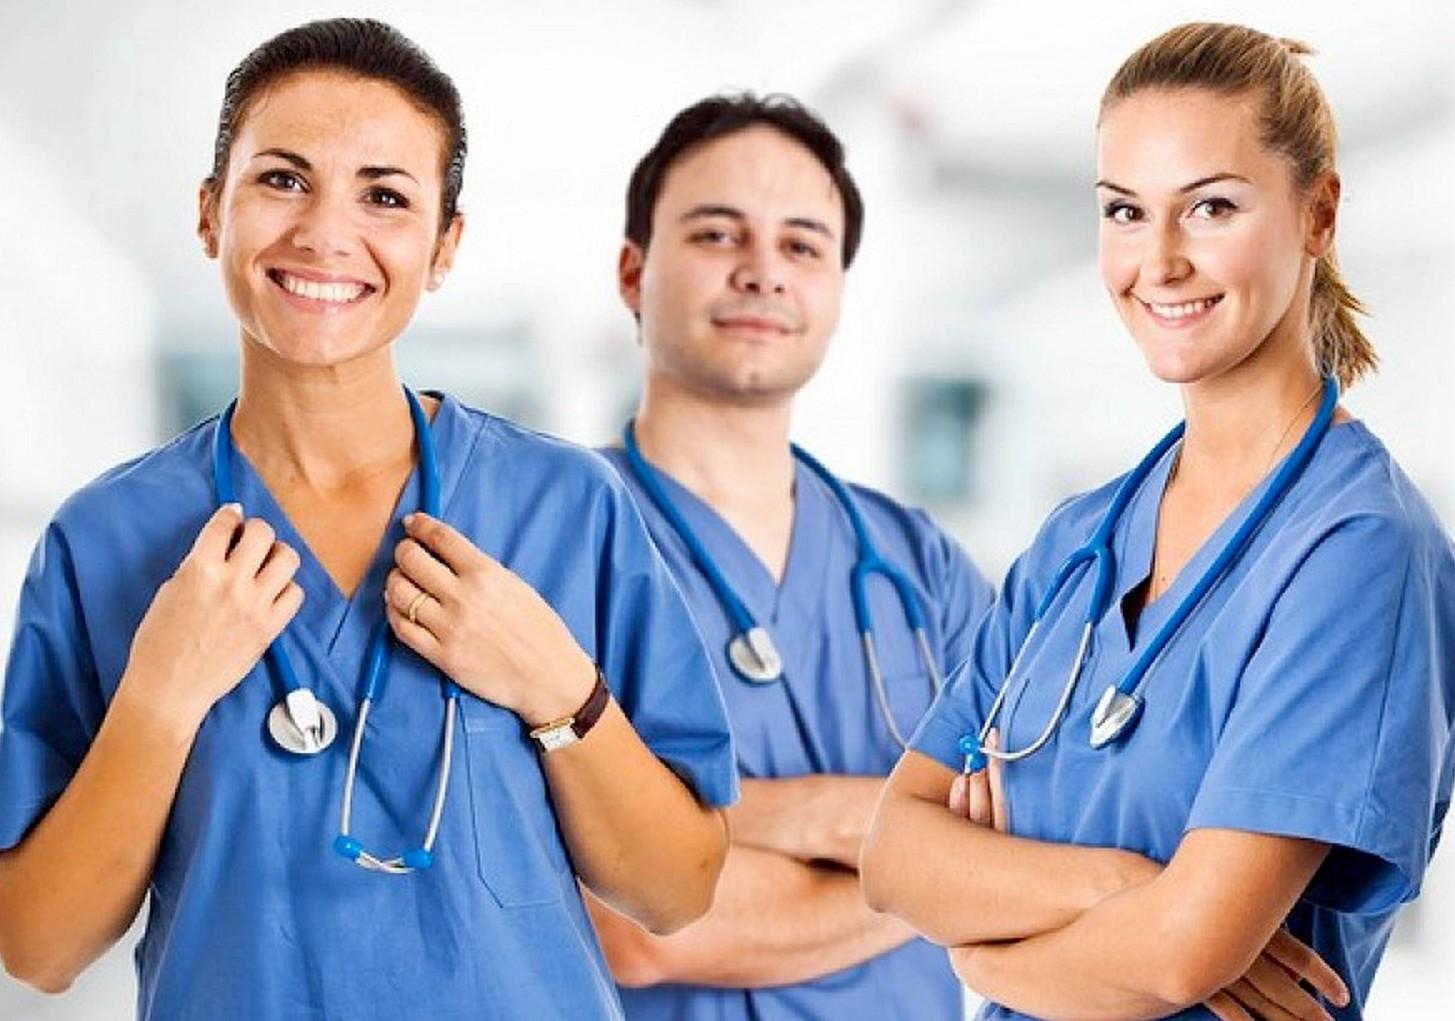 Come diventare OSS: requisiti, scuola corsi per essere operatore socio sanitario